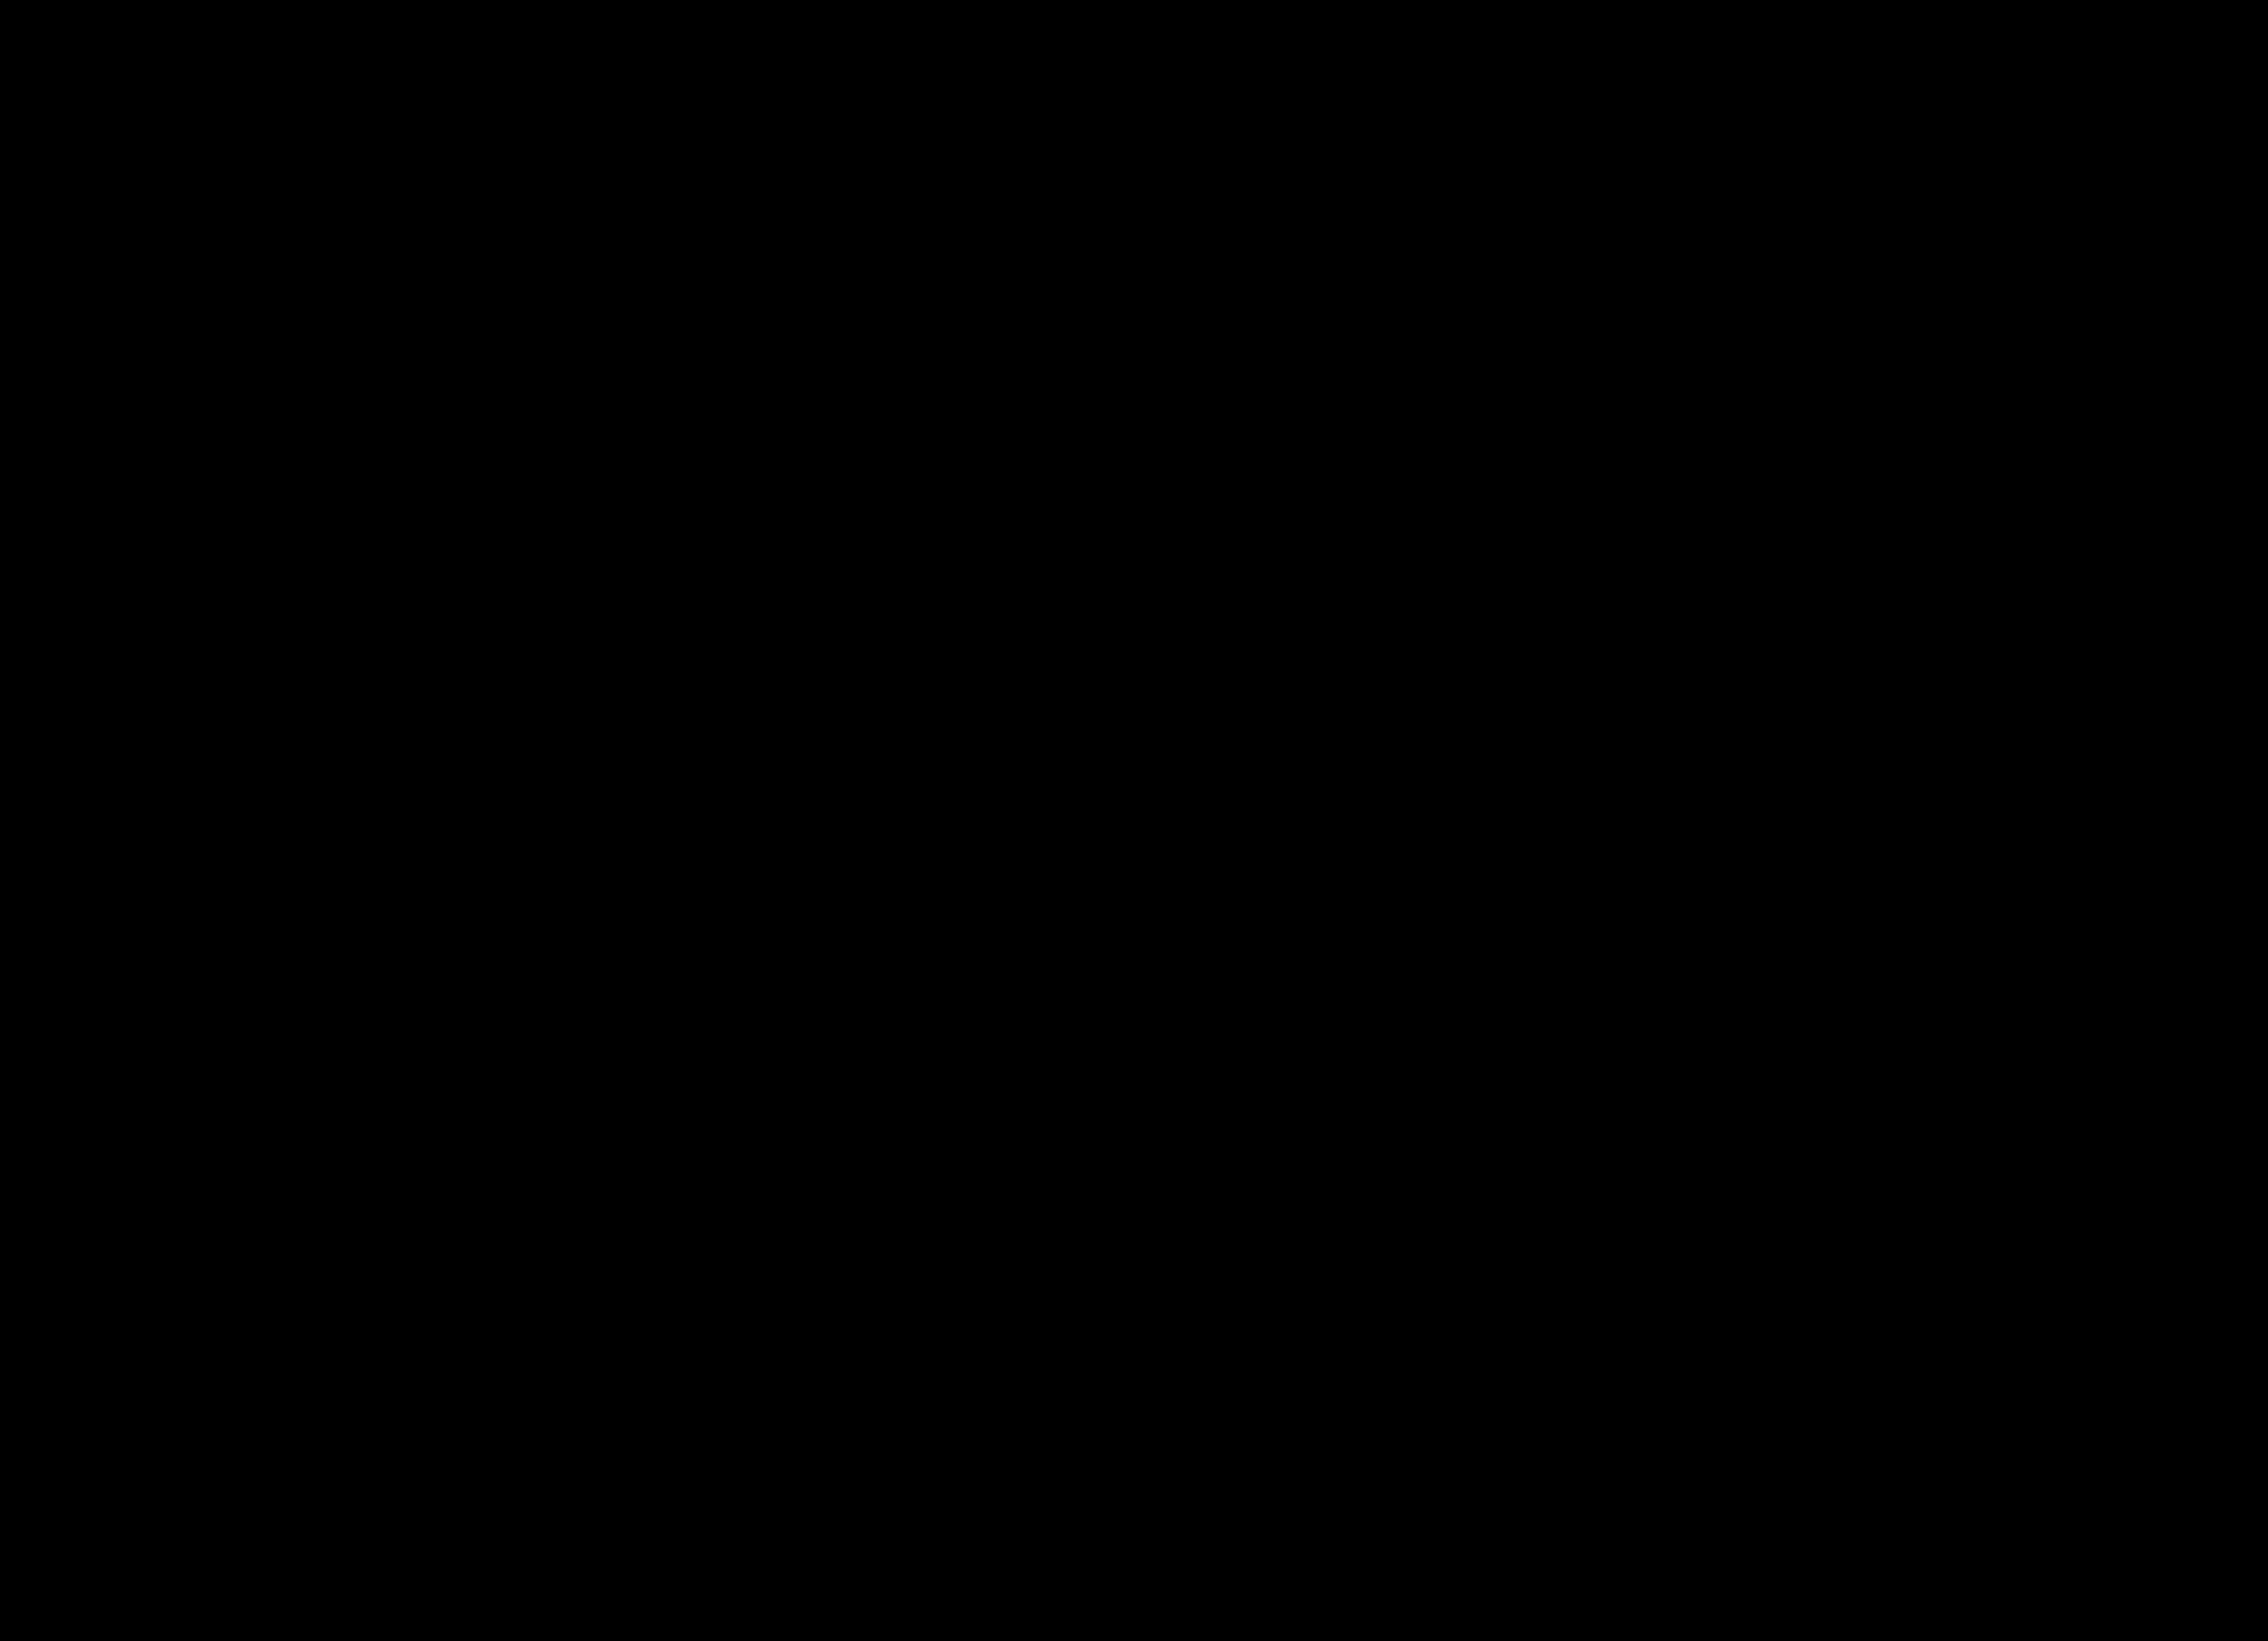 Wallpaper Nicolette, Model, Babe, Brunette, Poland, Big -1026